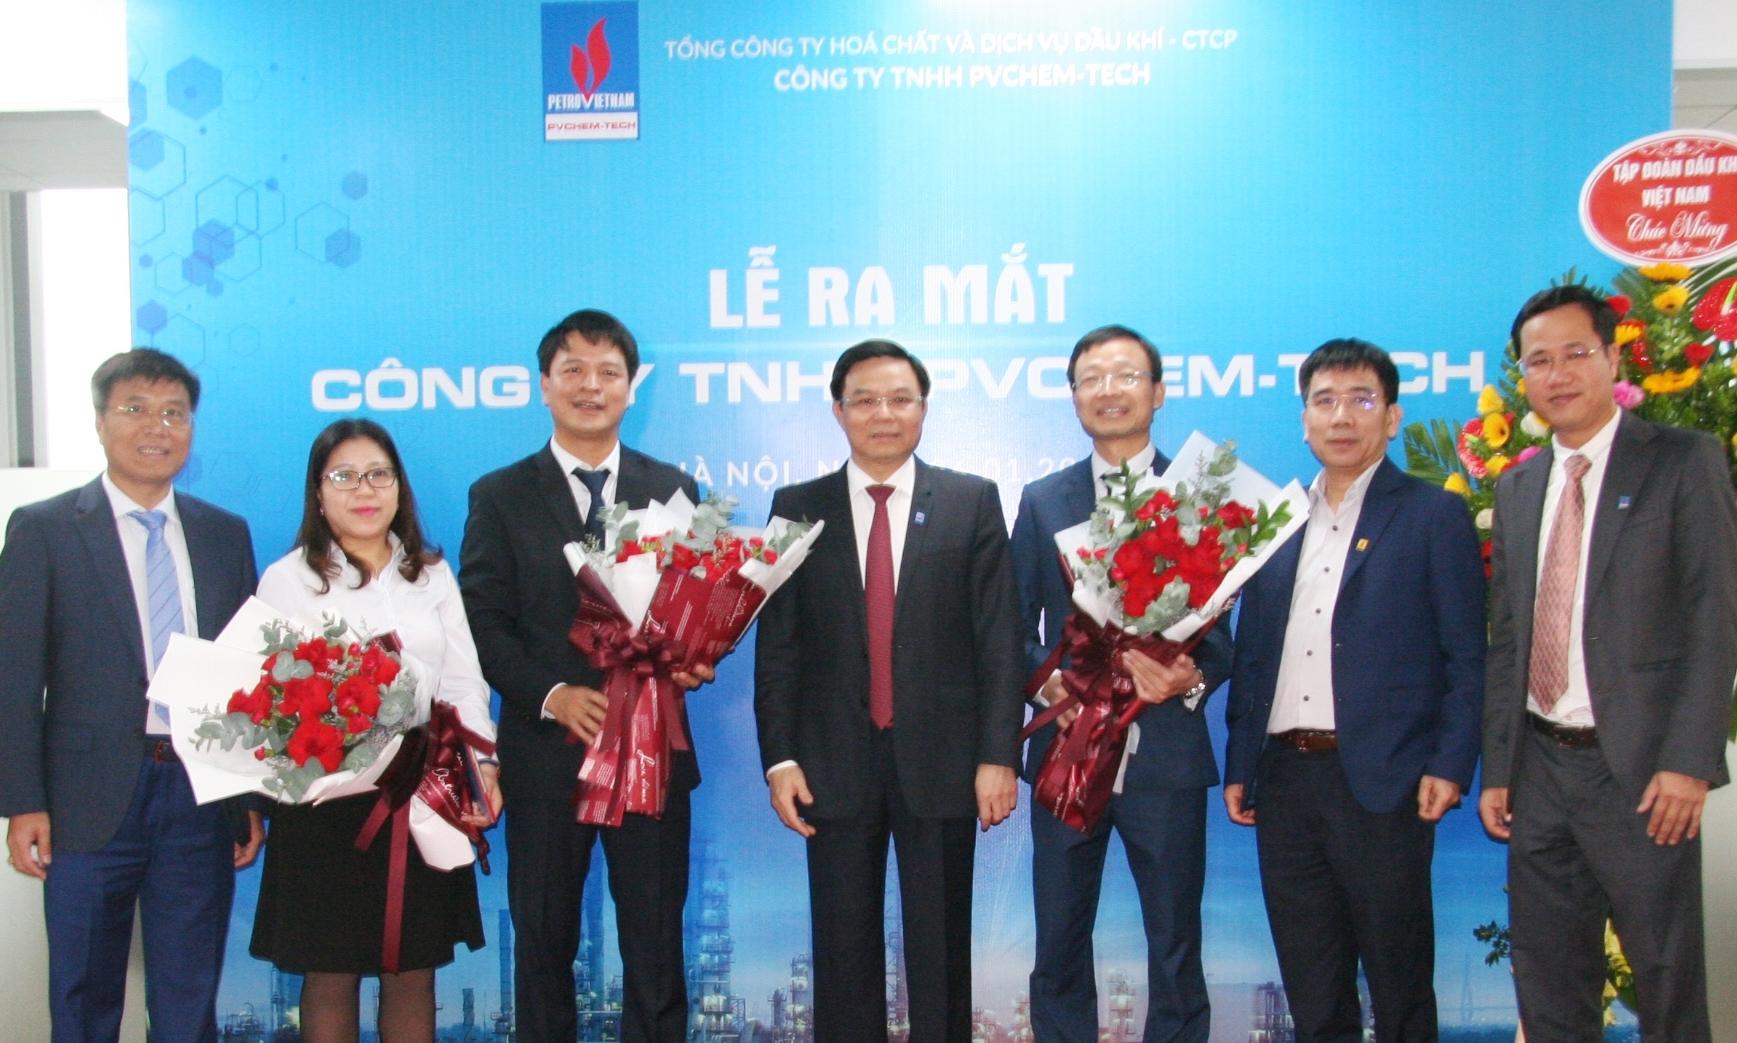 PVChem ra mắt Công ty TNHH PVChem-Tech